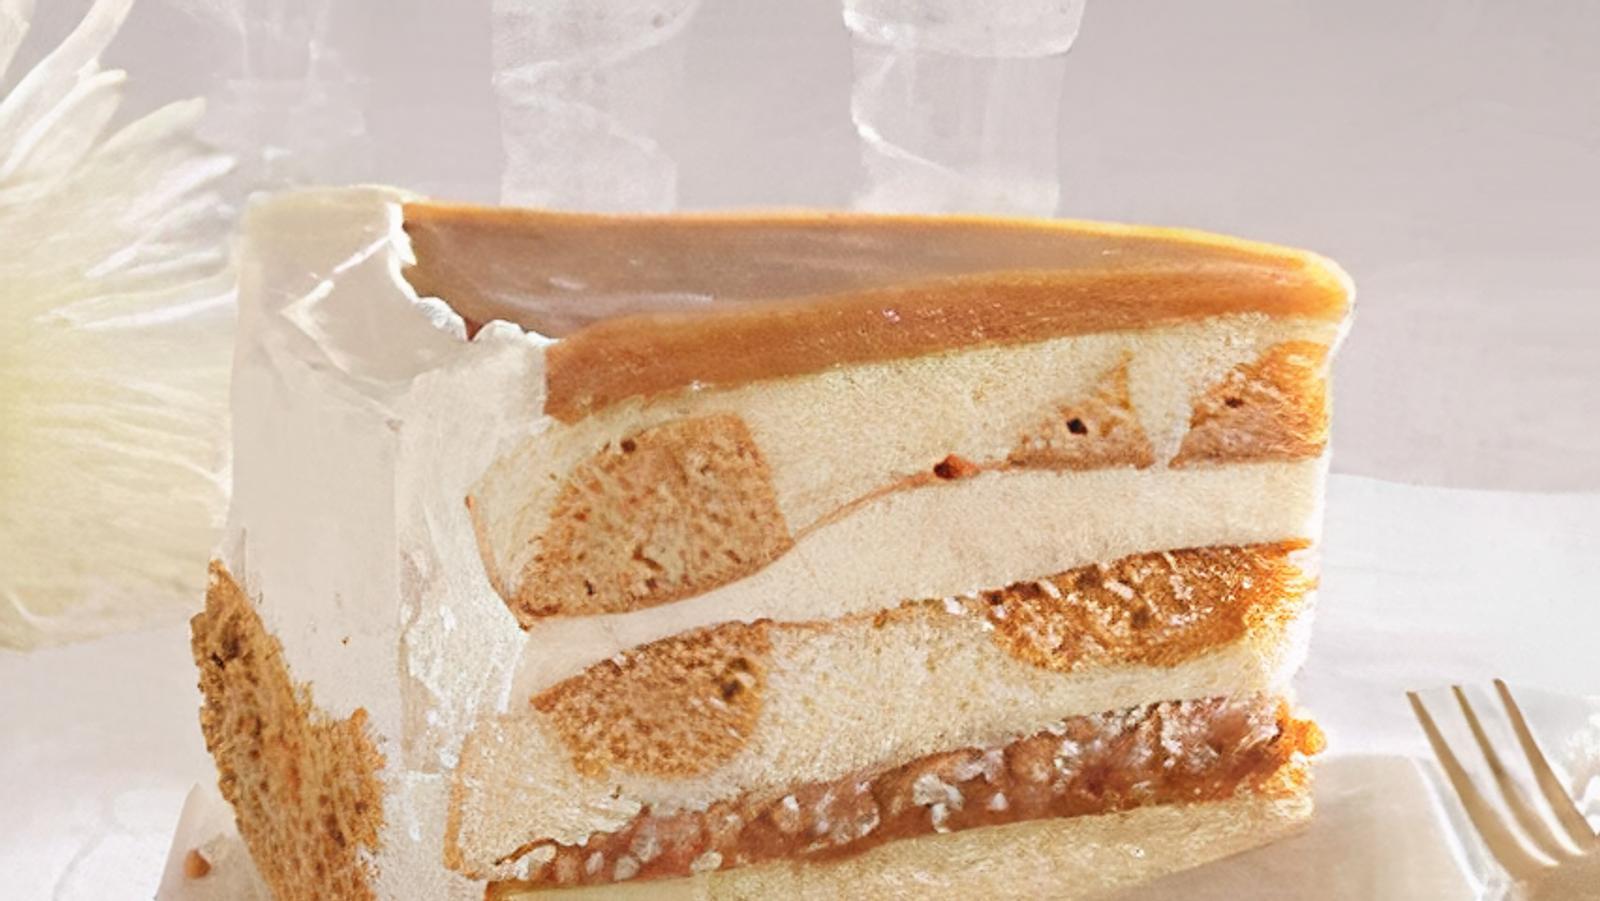 Caramel Vanilla Crunch